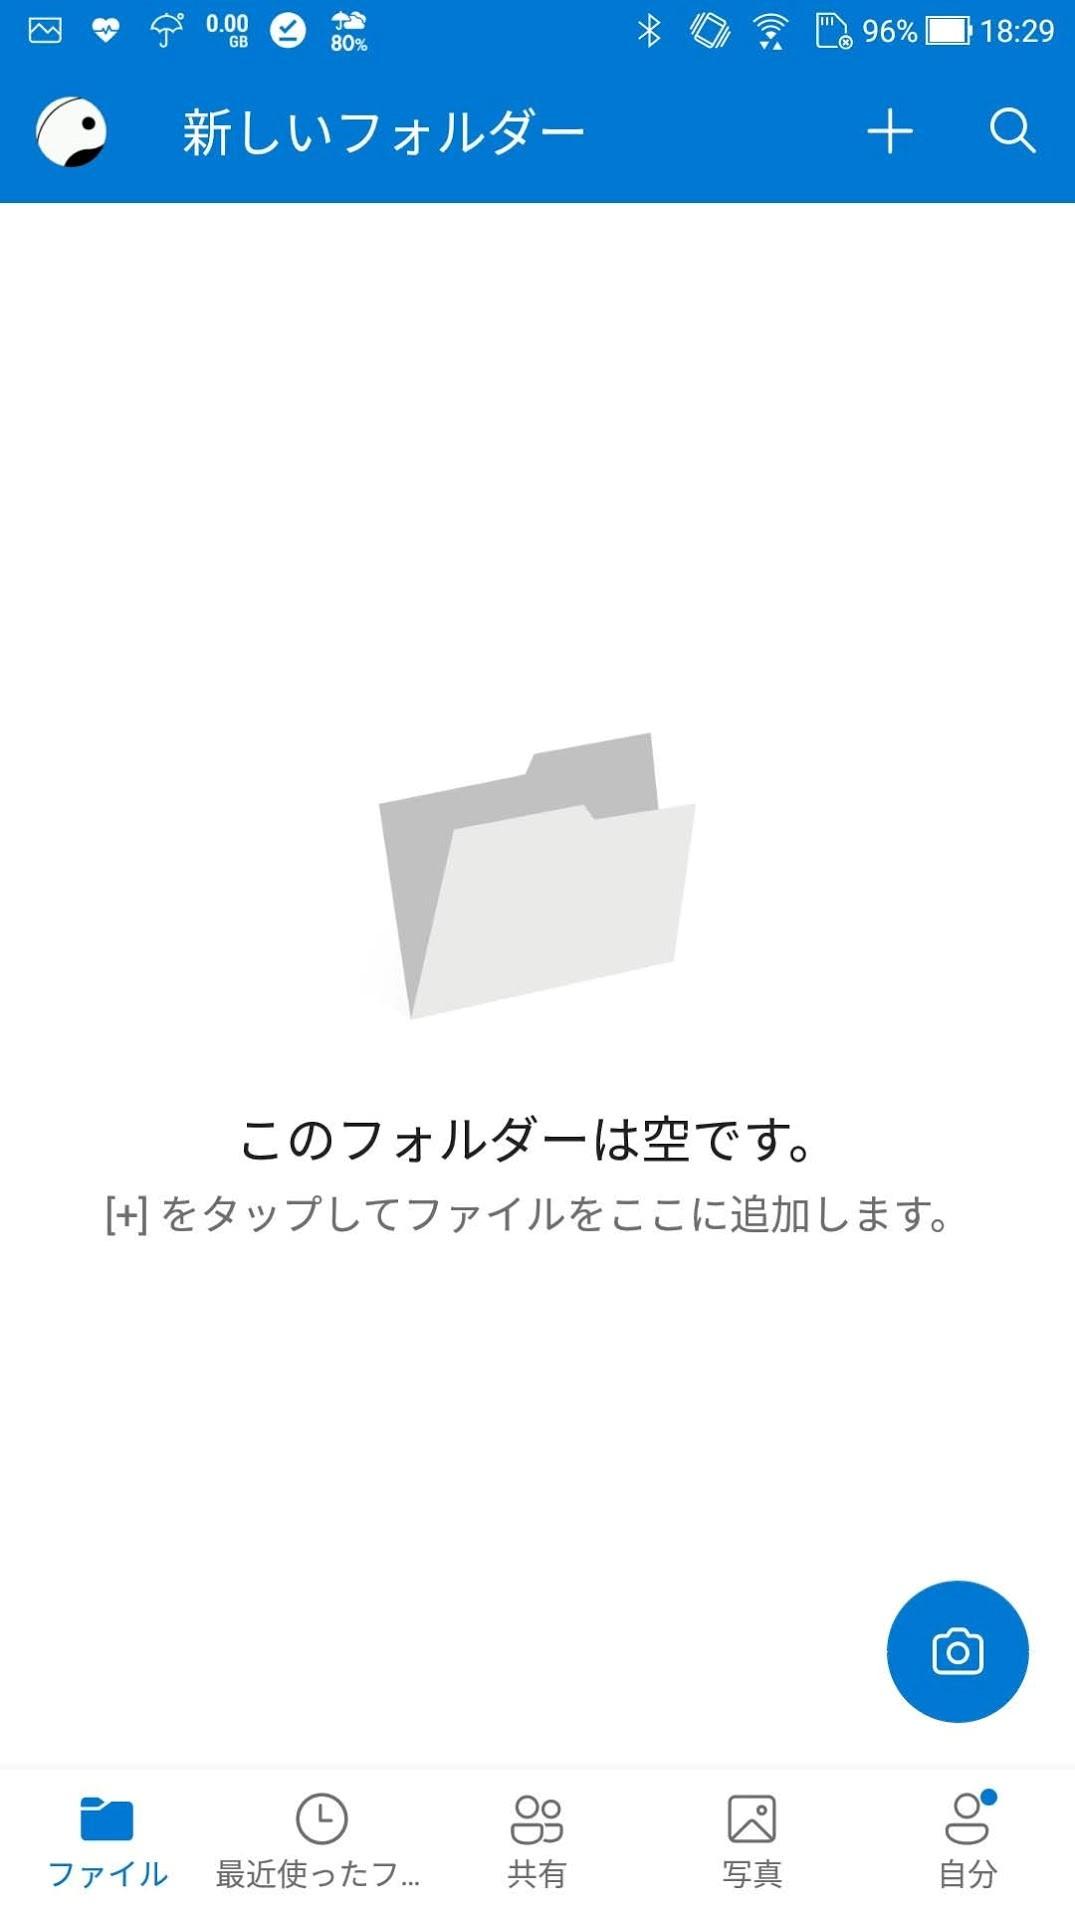 AndroidアプリでOnedriveに新しいフォルダーの作成